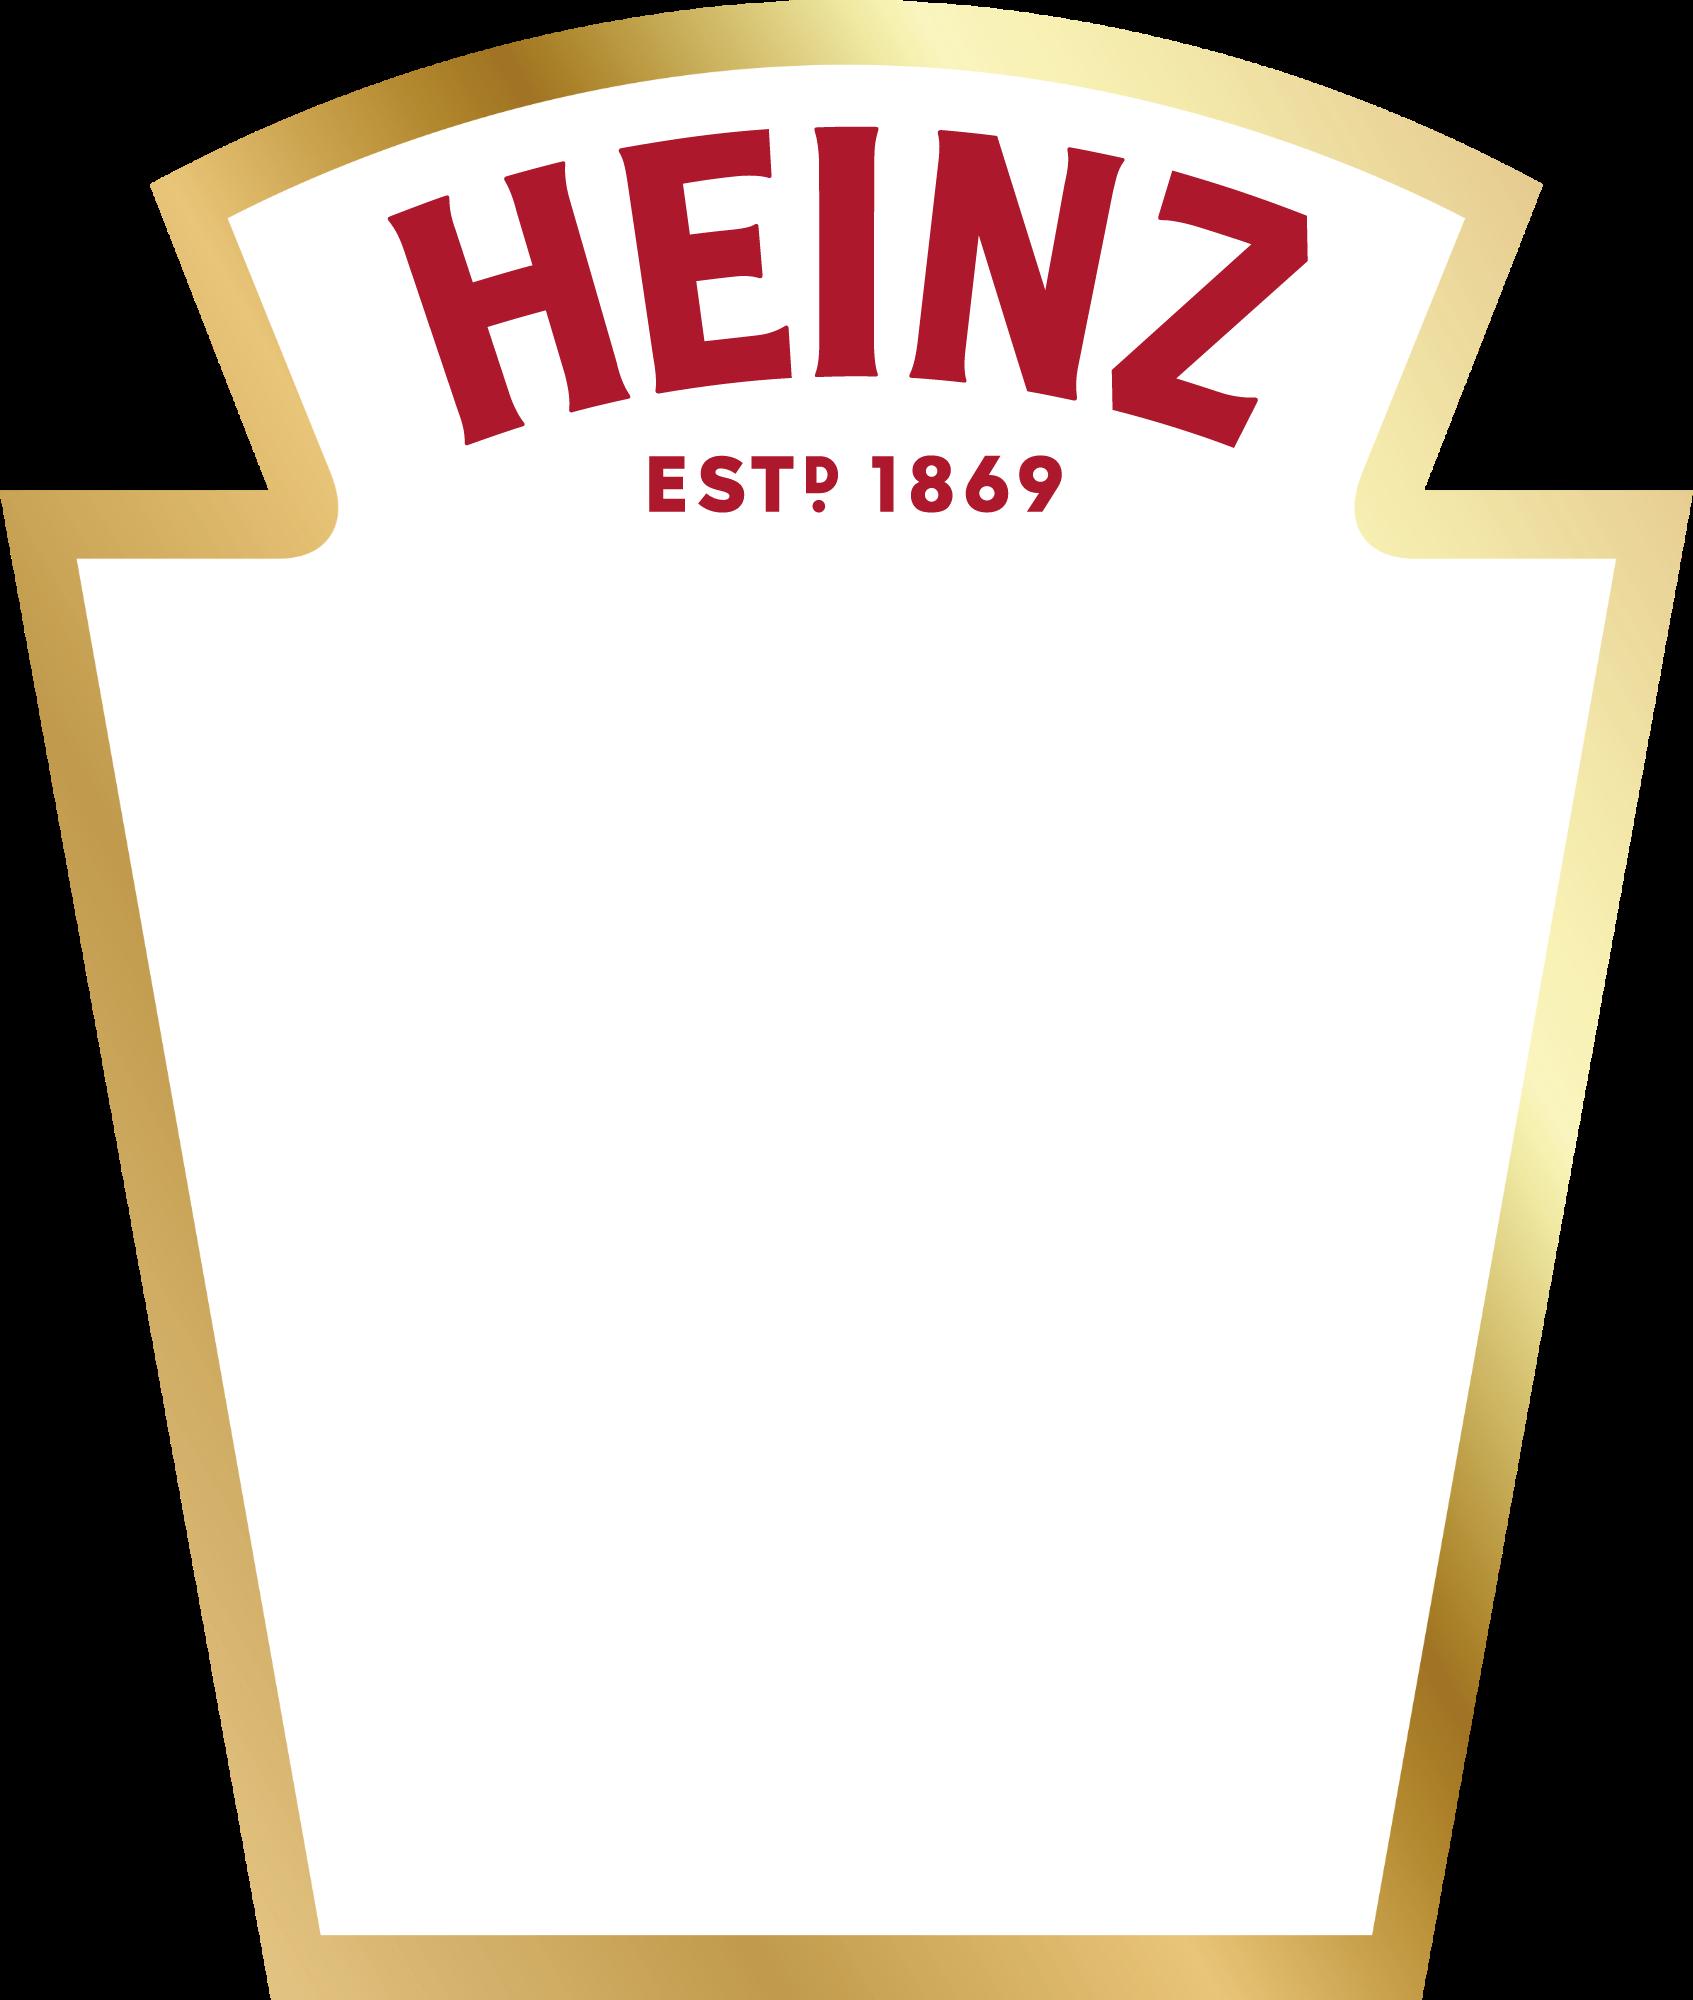 Form Banner Image